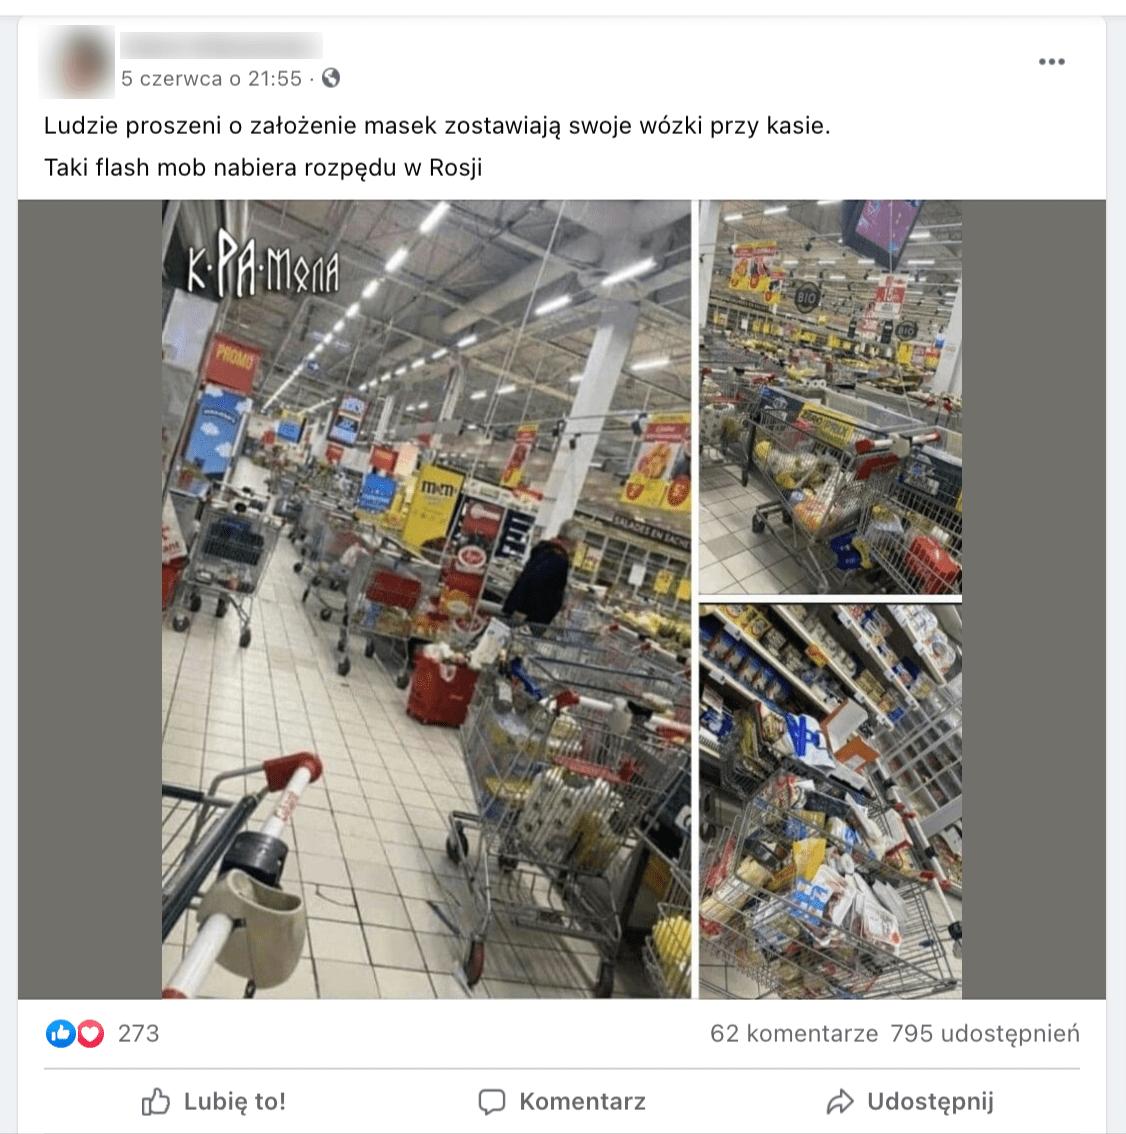 Zrzut ekranu zFacebooka. Post użytkownika ilustrują trzy zdjęcia, naktórych widzimy wózki pełne zakupów porzucone wmarkecie spożywczym